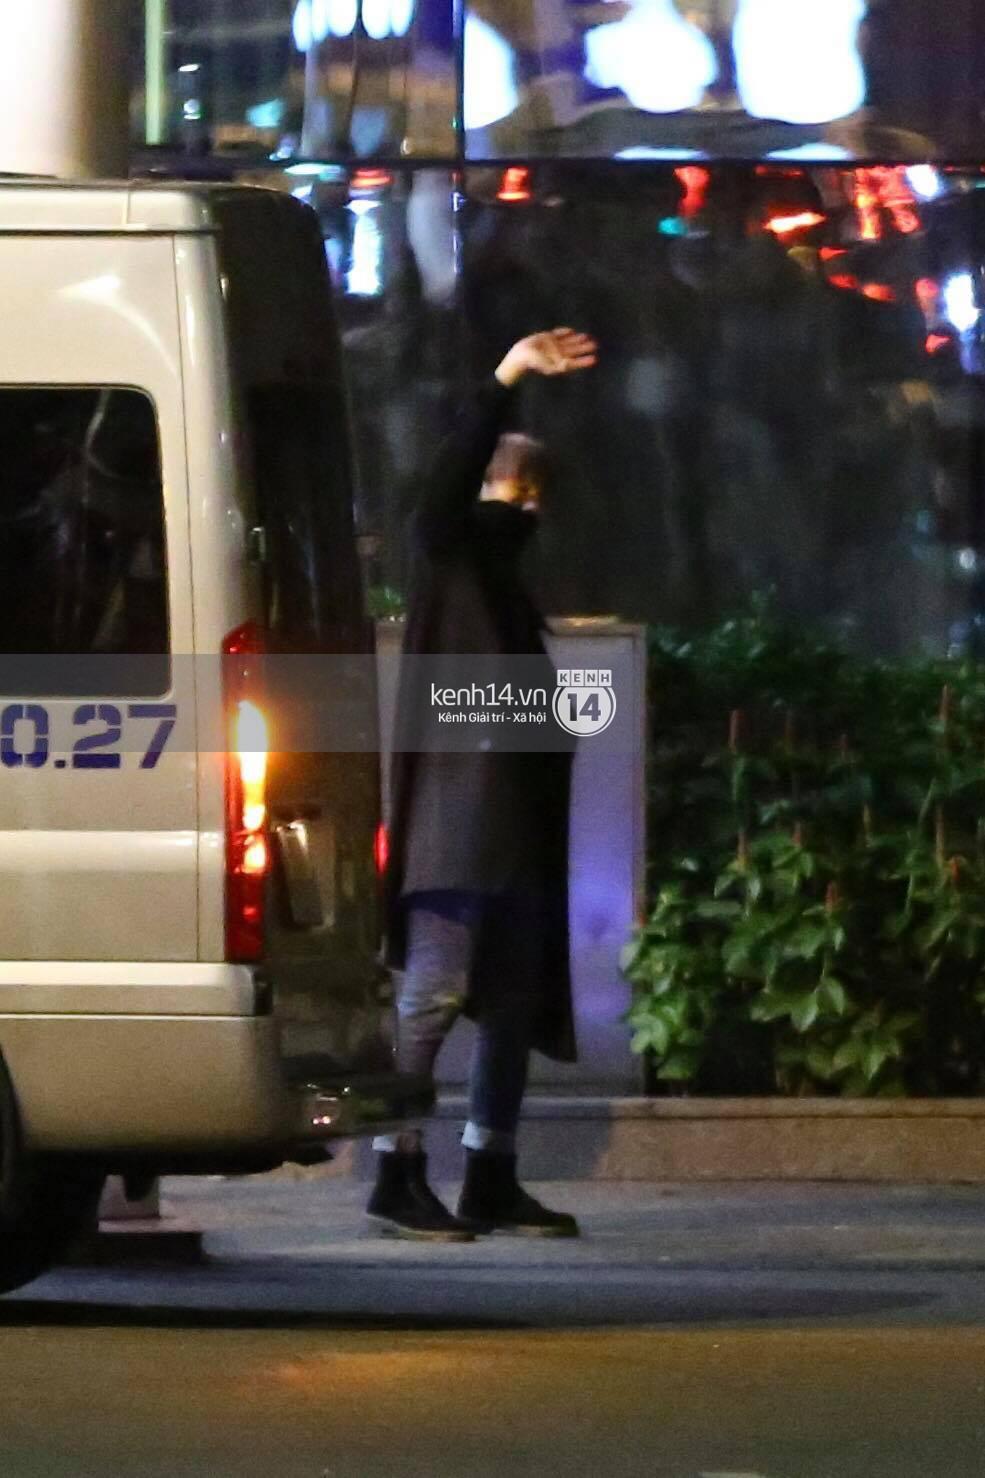 Hình ảnh đối lập: Kết thúc MAMA, Samuel khí thế vẫy tay chào fan Việt, Wanna One ngủ say mặc kệ người hâm mộ - Ảnh 21.